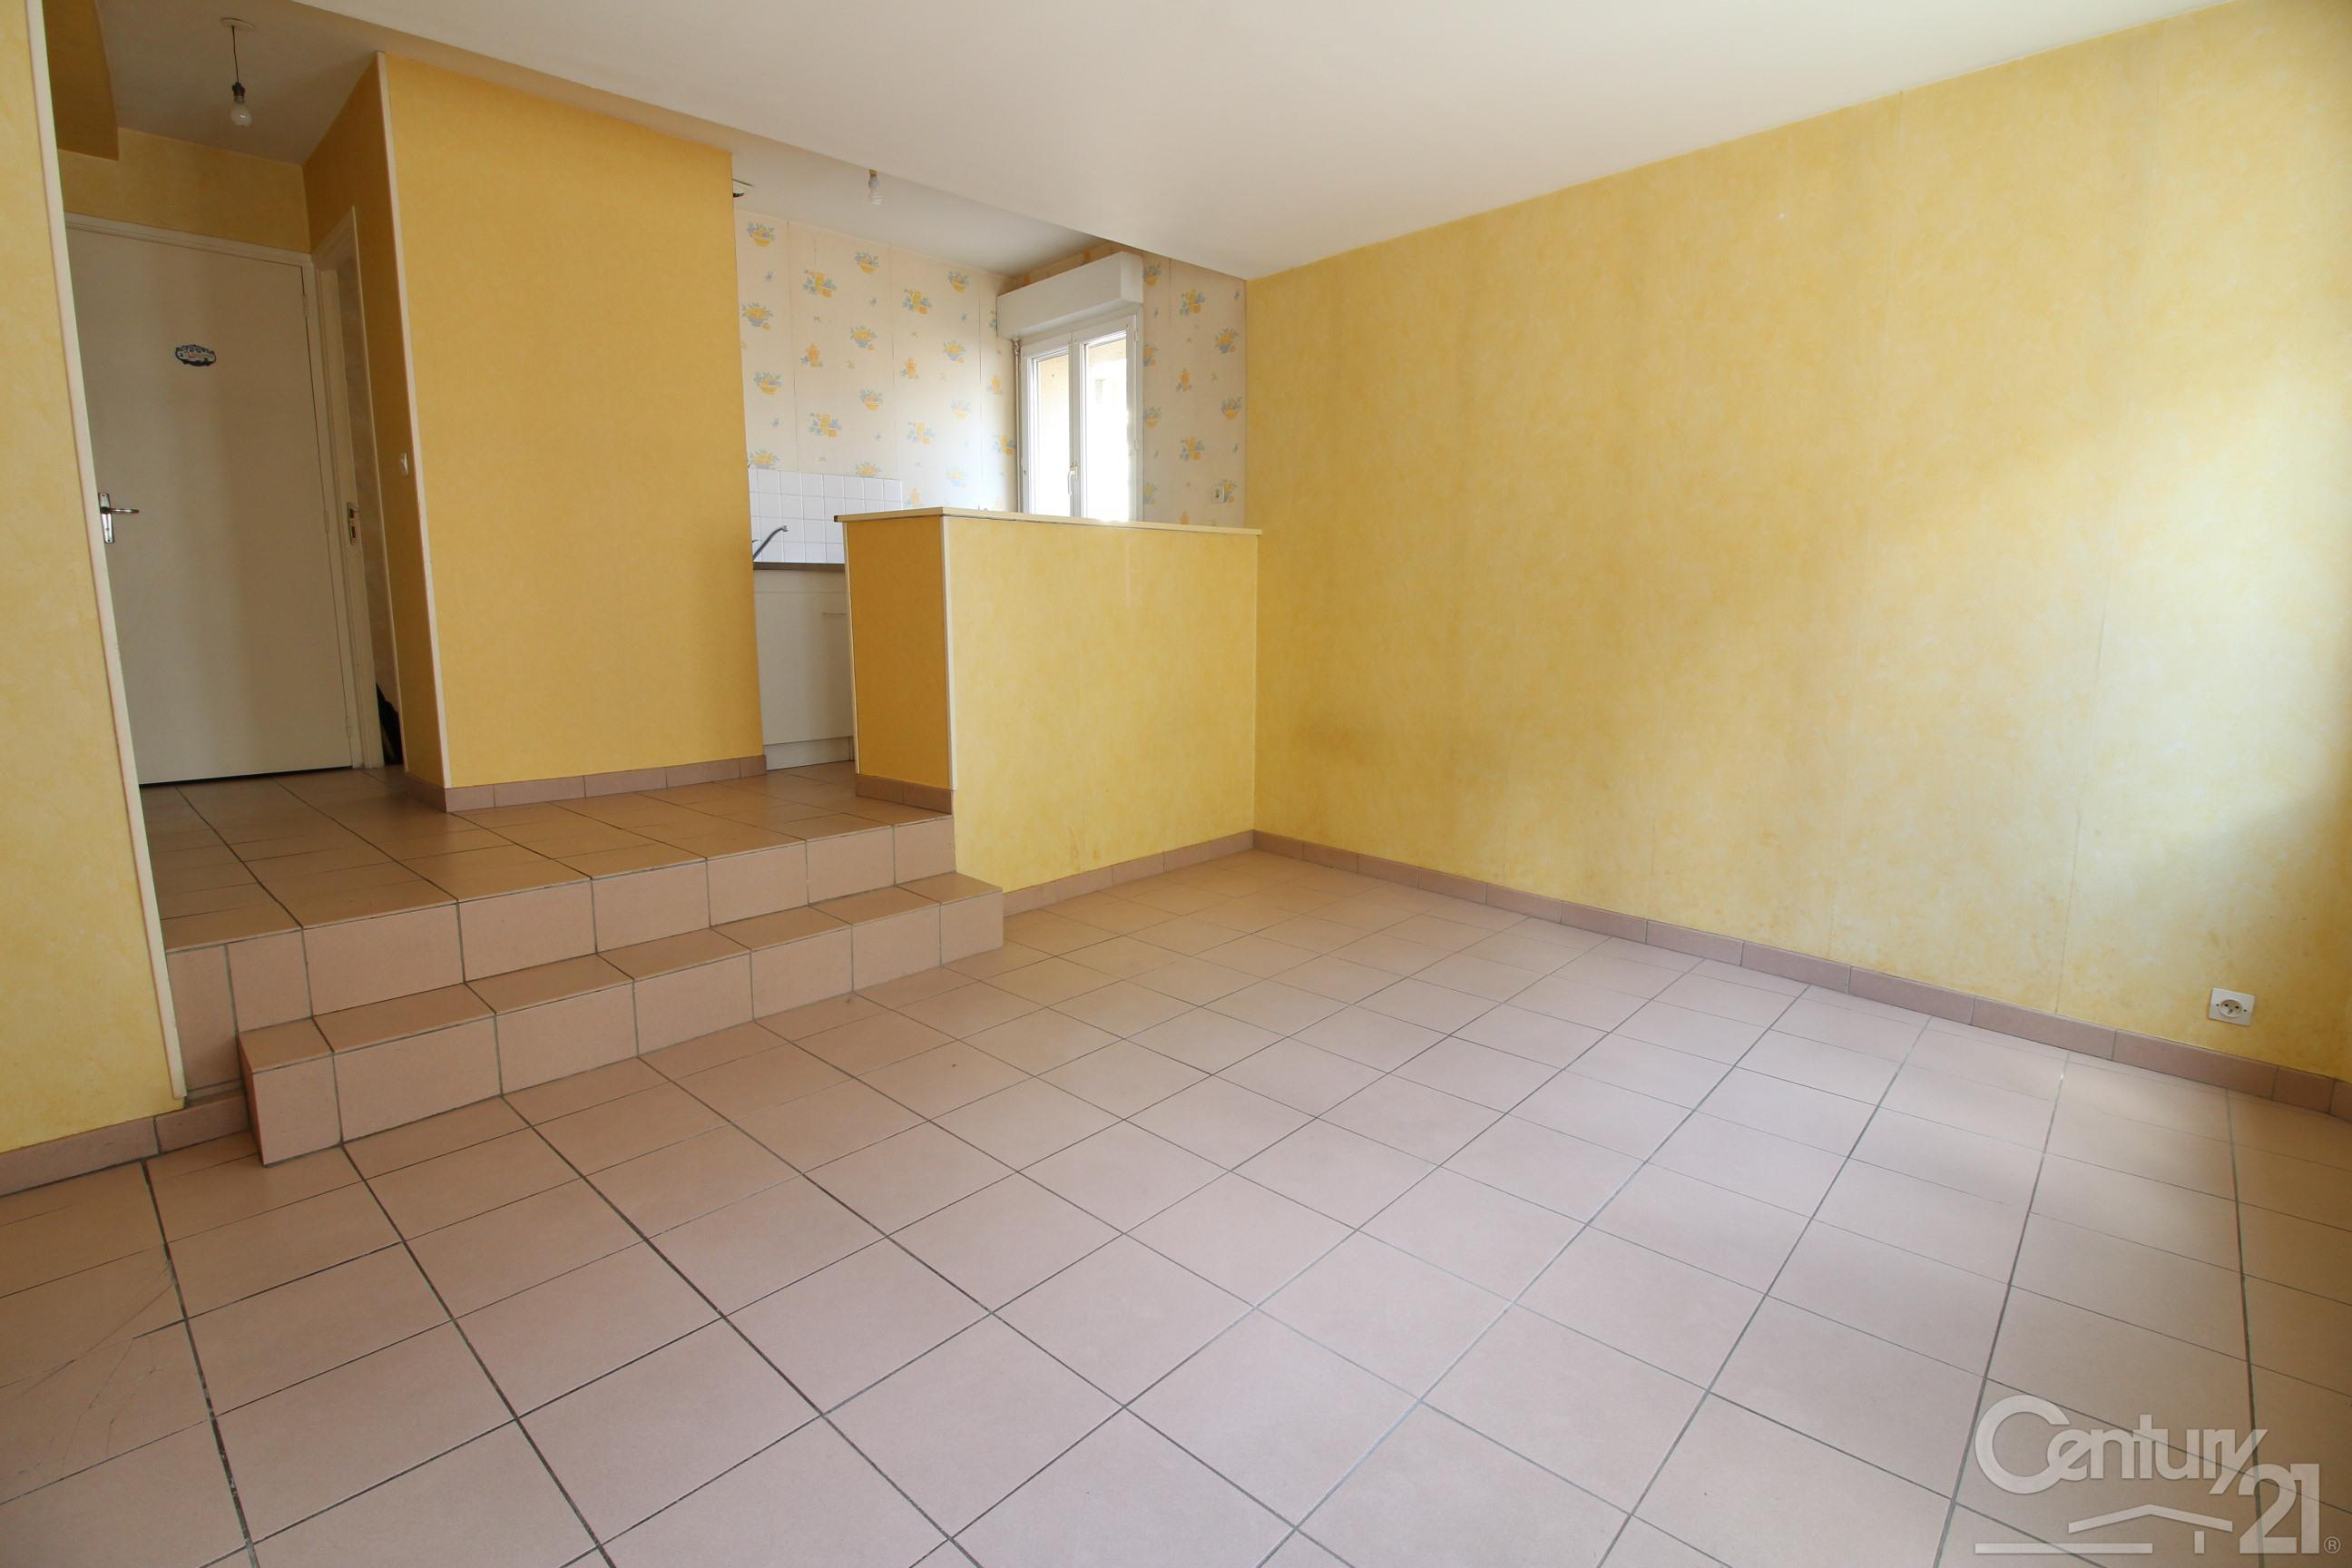 Appartement à louer - 2 pièces - 33 m2 - LILLEBONNE - 76 - HAUTE-NORMANDIE